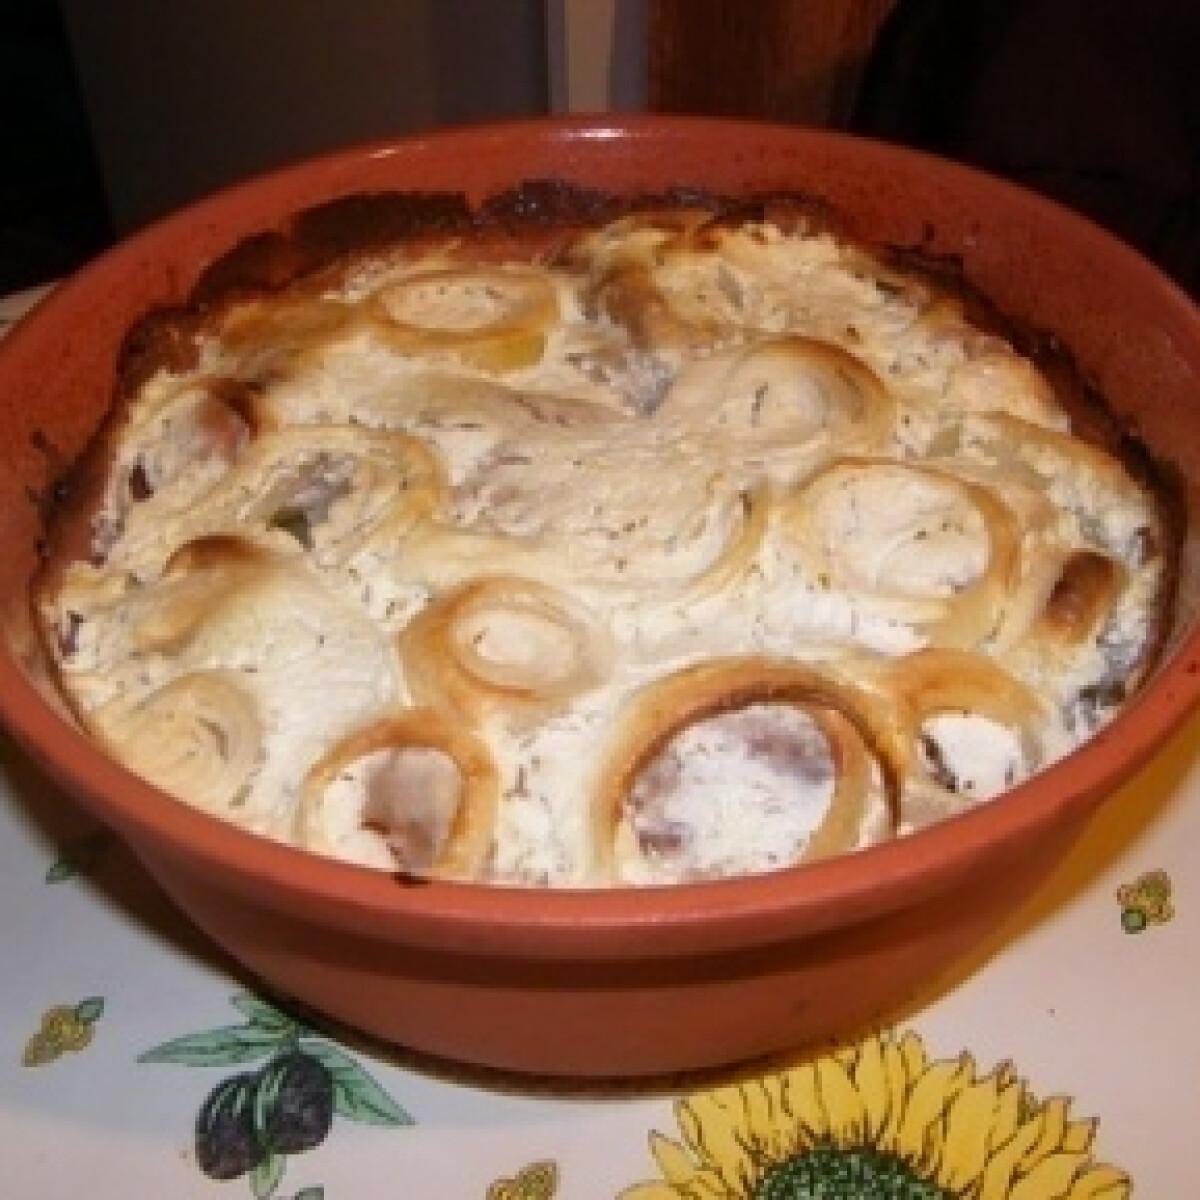 Ezen a képen: Hagymás-tejfölös sült csülök római tálban